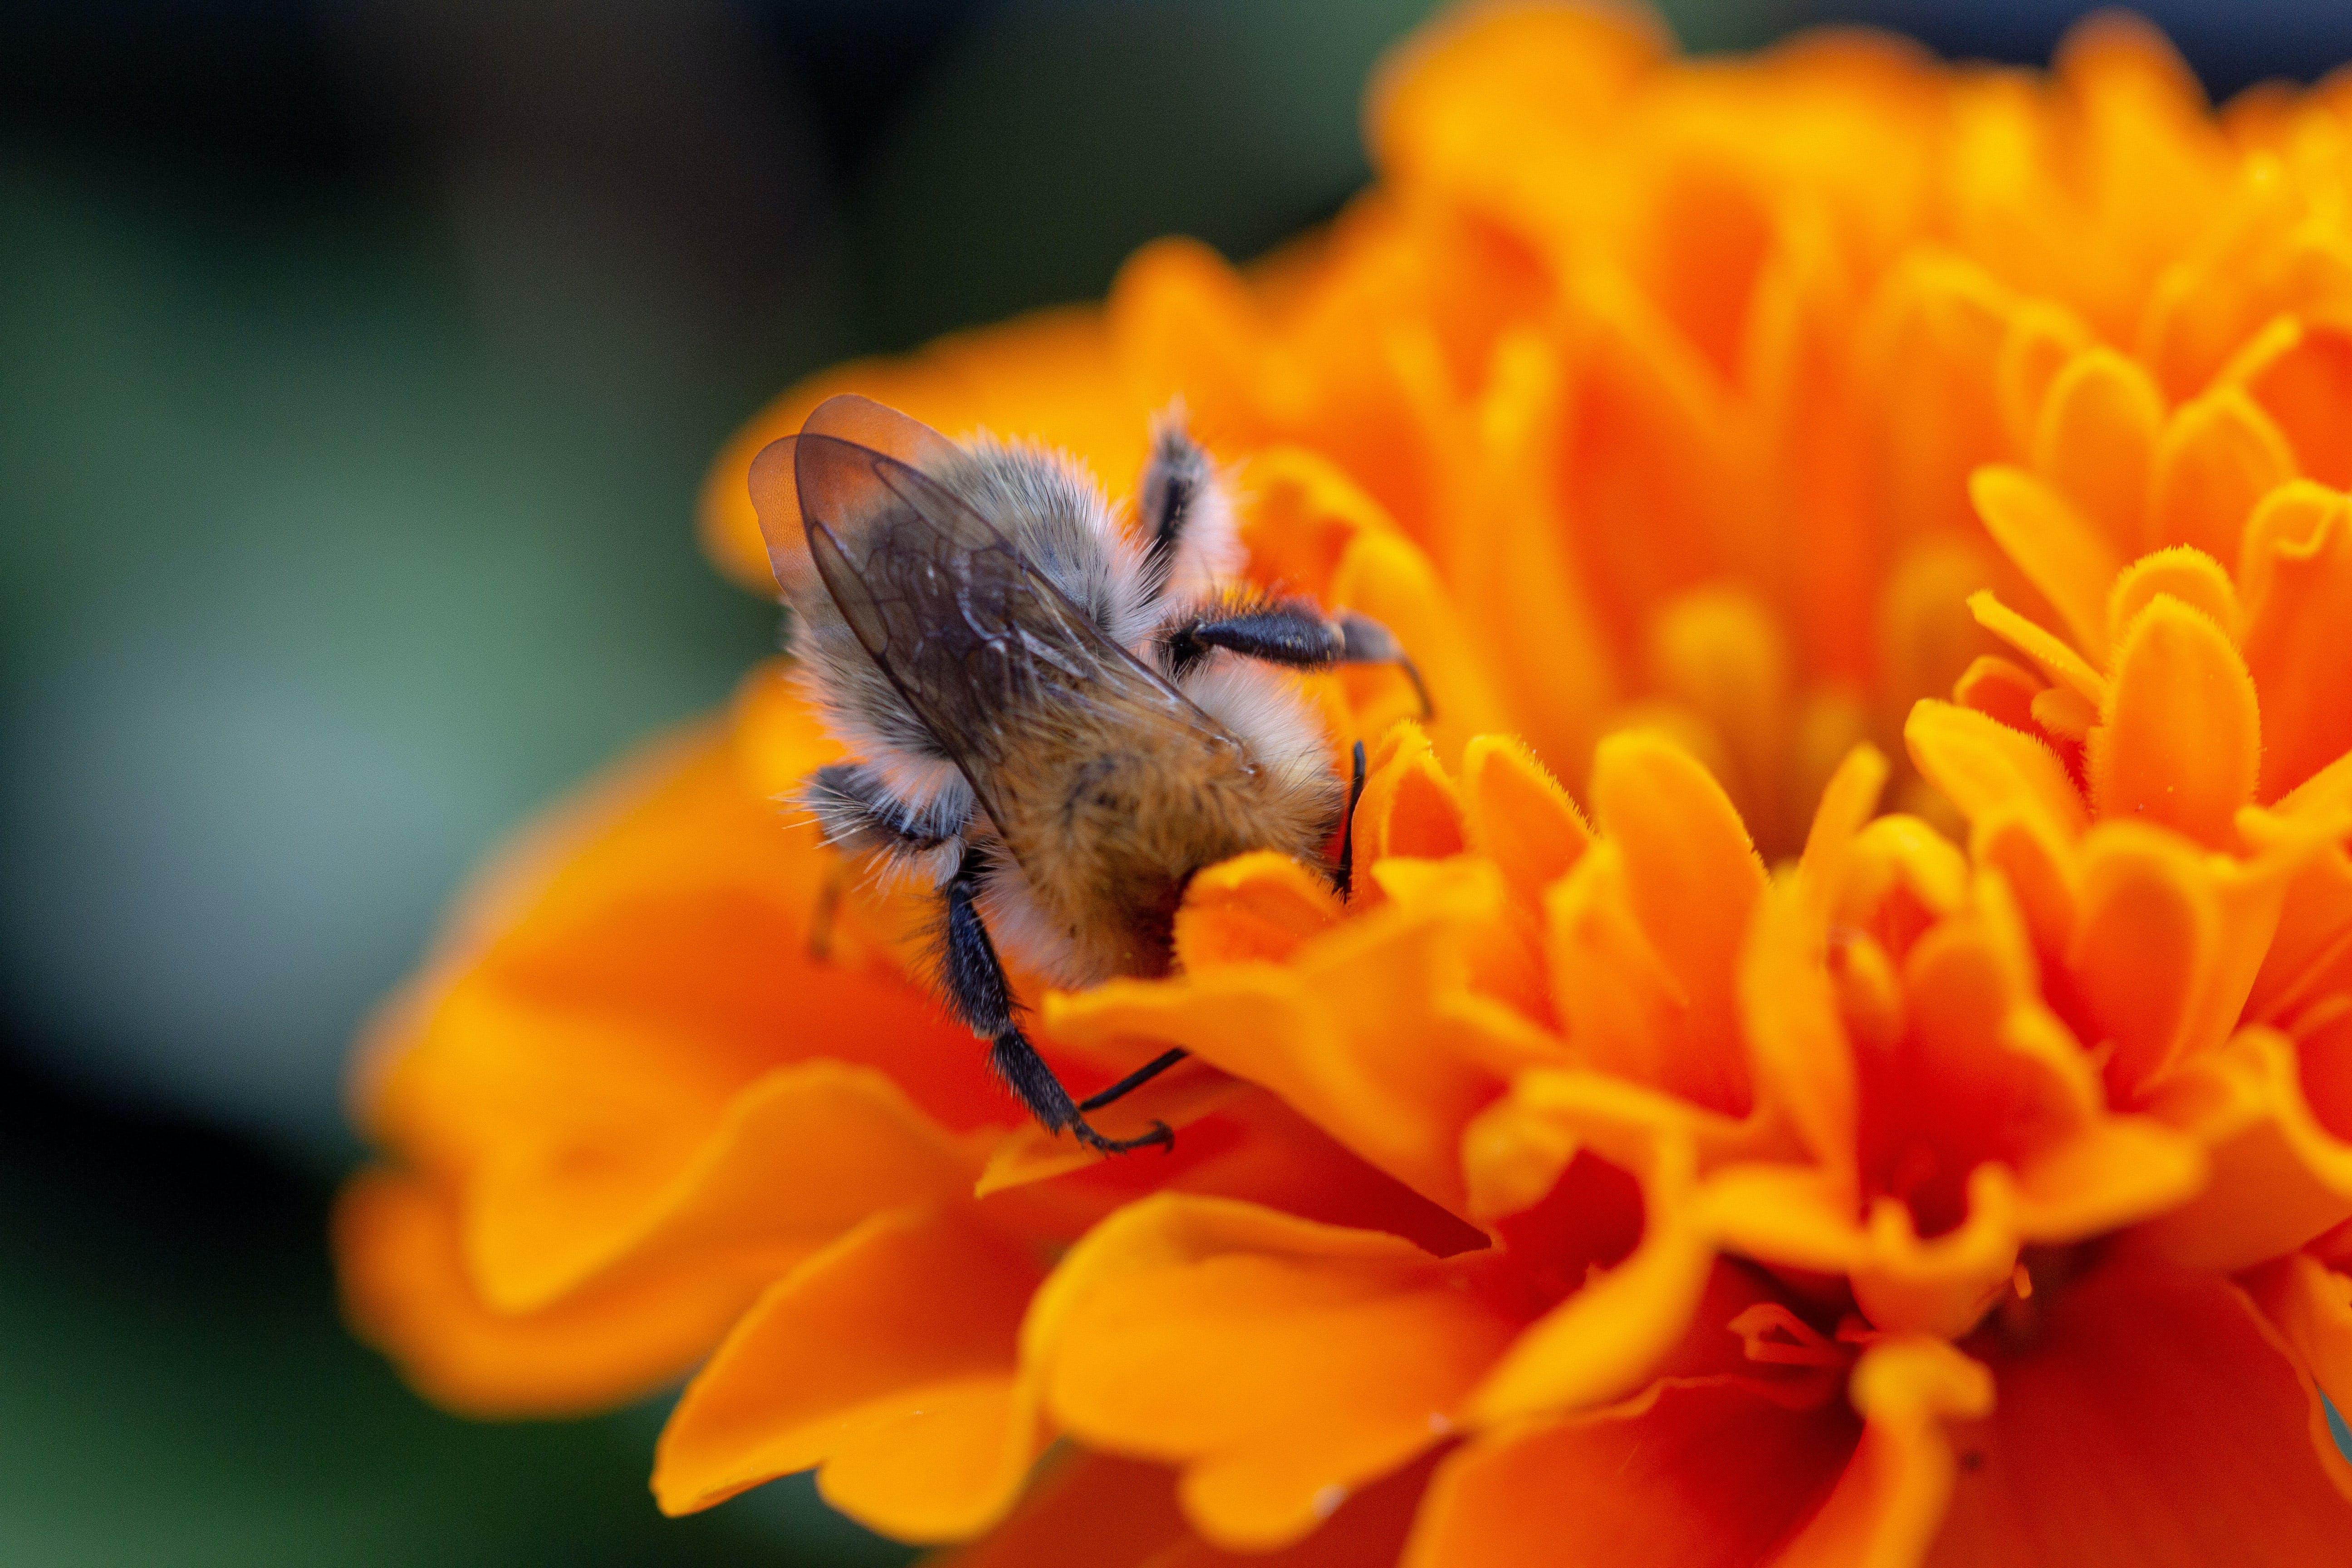 Ảnh lưu trữ miễn phí về ong rừng, wildbiene